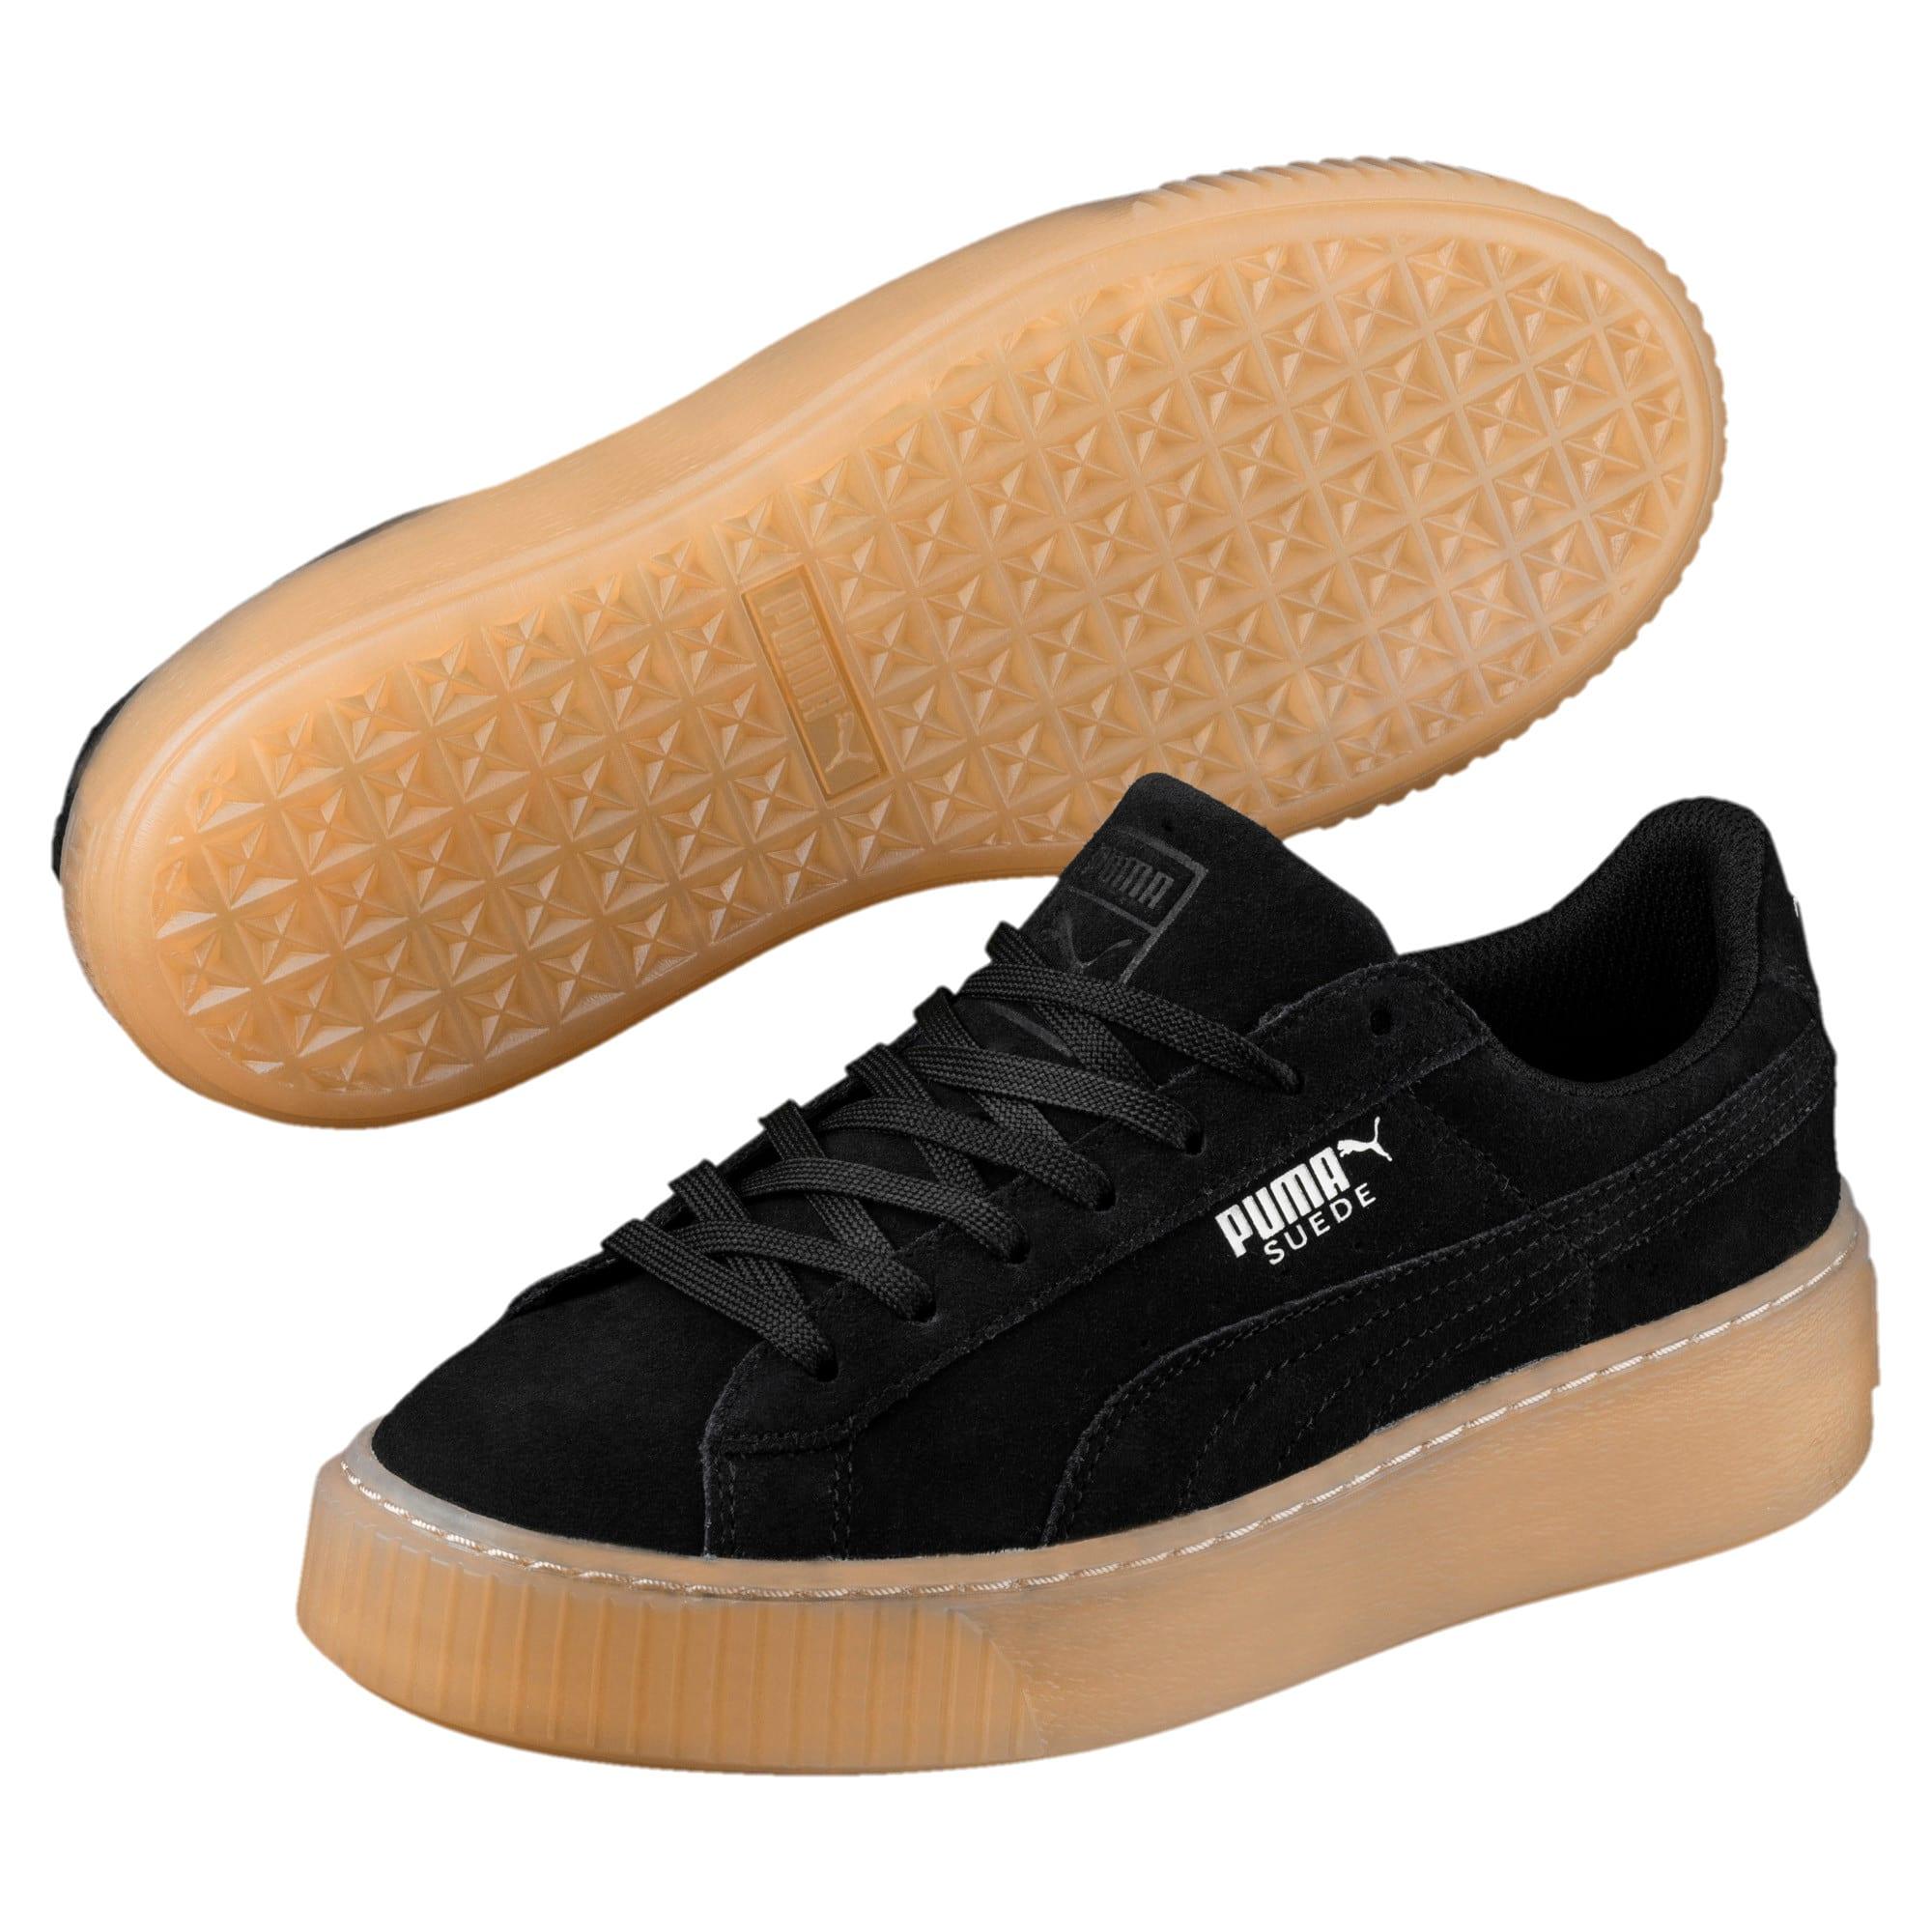 huge selection of cbd50 766df Suede Platform Jewel Little Kids' Shoes